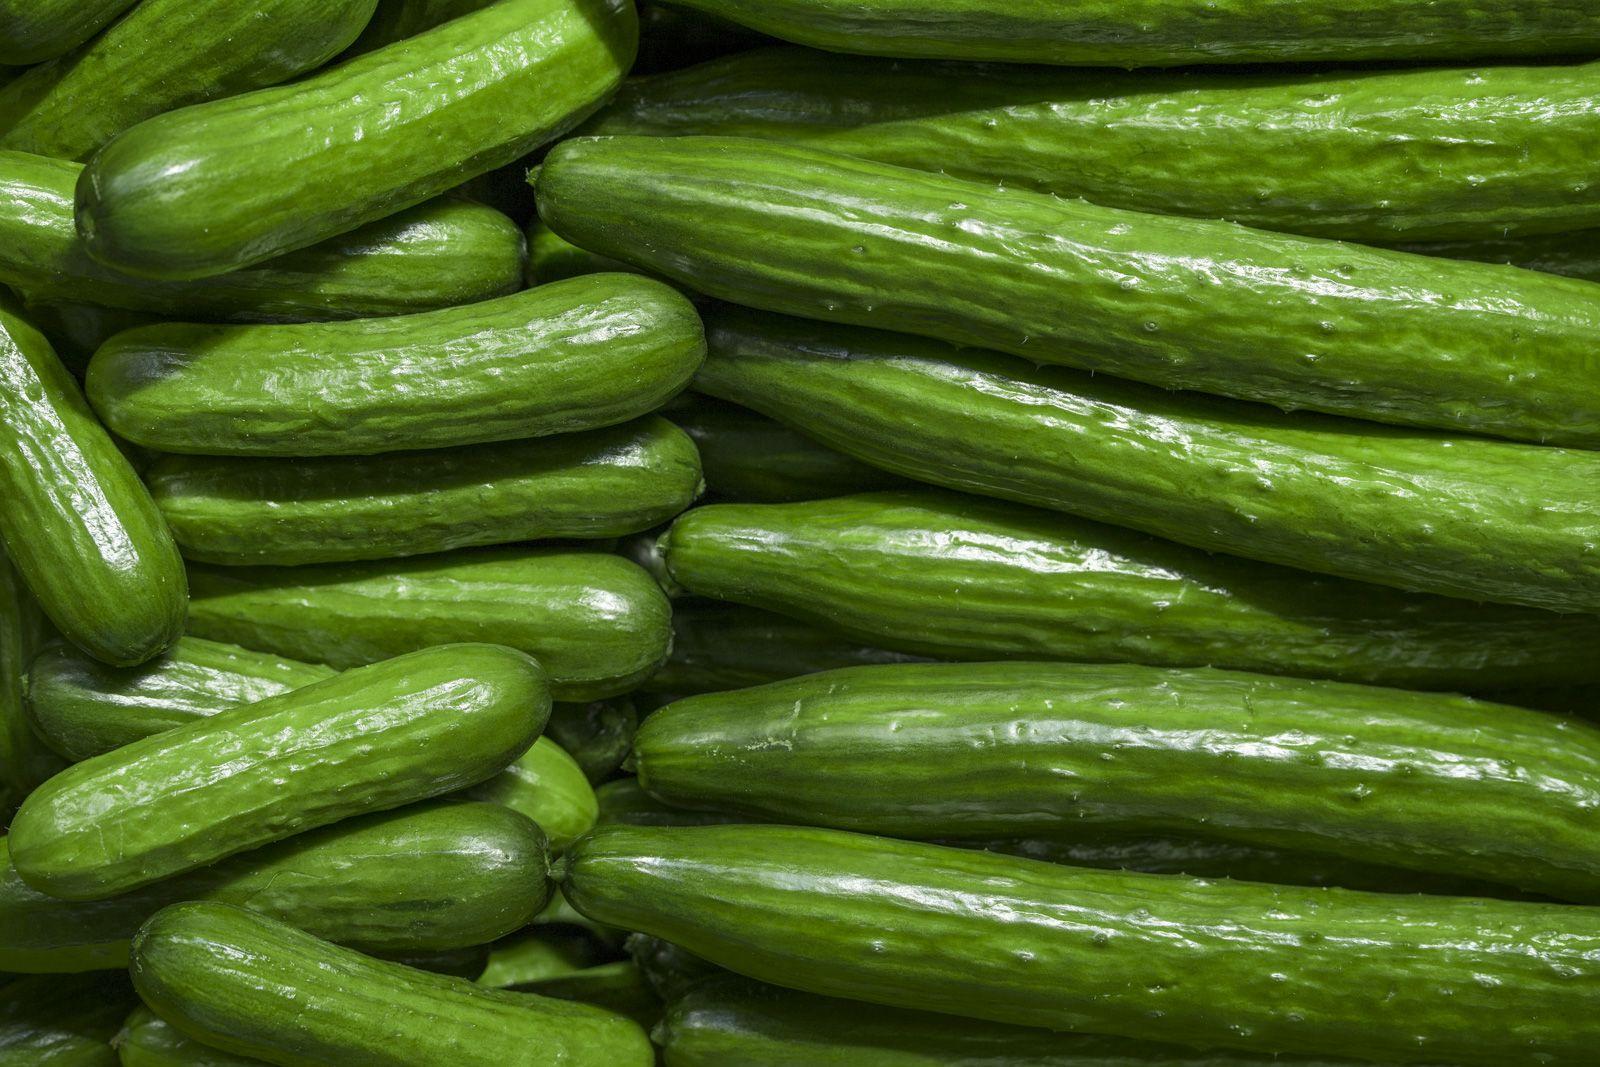 تفسير رؤية الخيار في الحلم أو المنام الحلم بالخيار الخيار الخيار الأصفر الخيار المخلل Cucumber Health Benefits Cucumber Cucumber Benefits